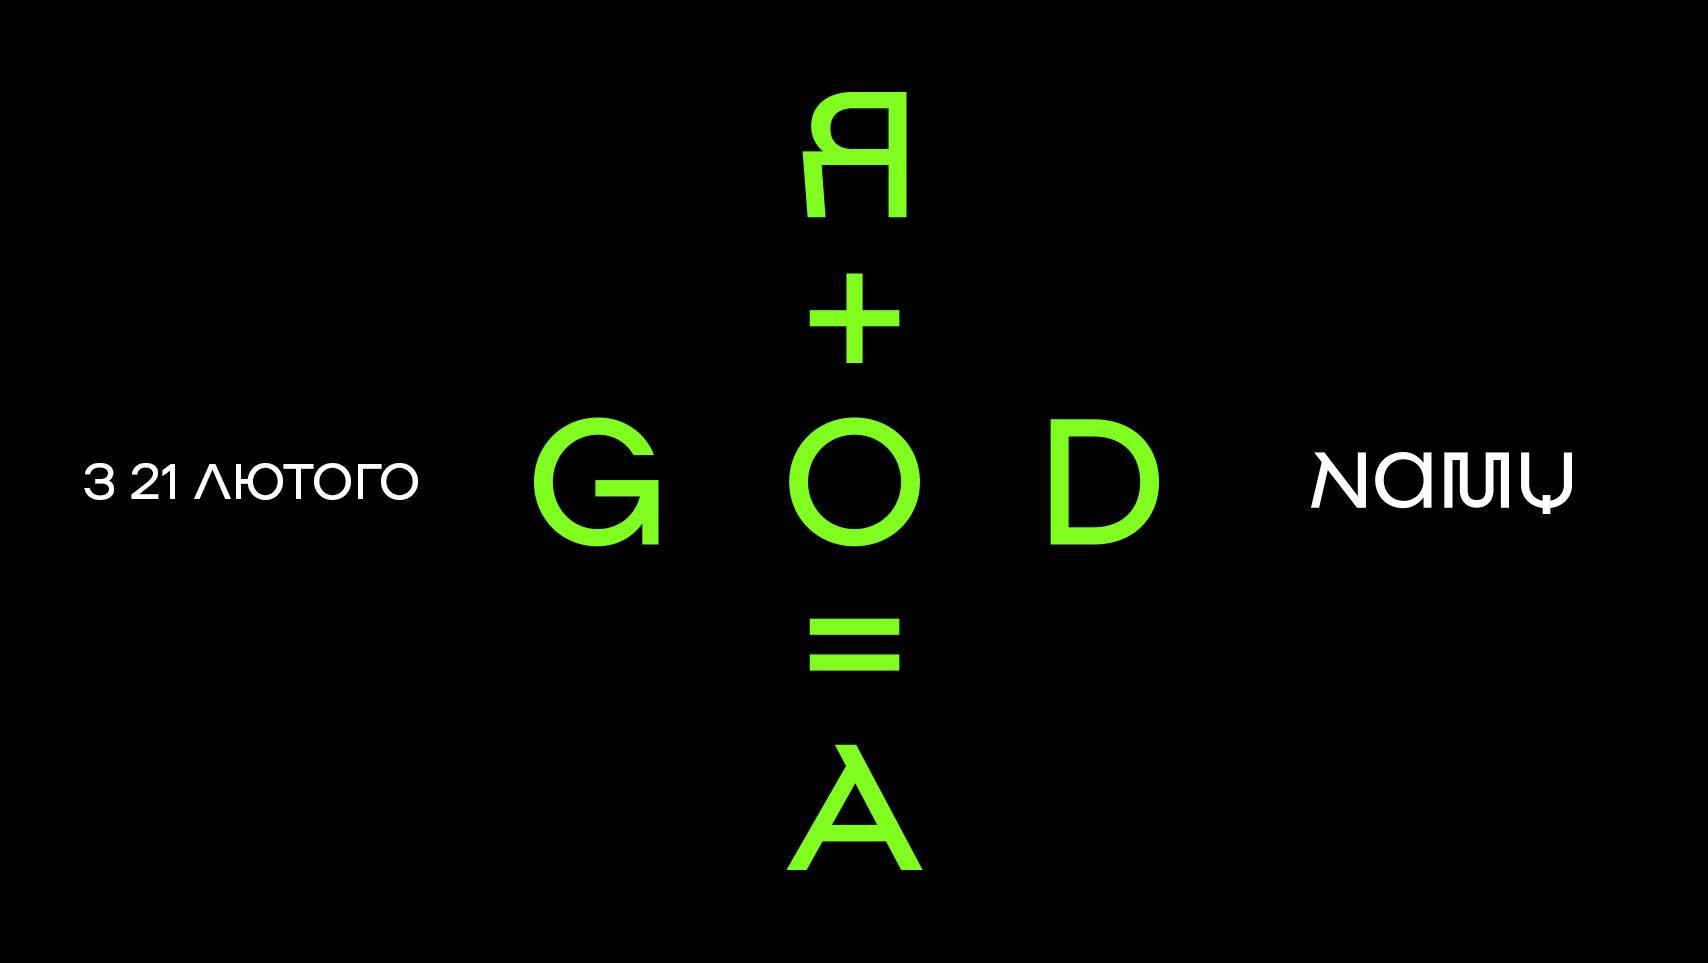 Масштабный проект Я + GOD = A, посвященный творчеству уникального львовского художника Мирослава Ягоды